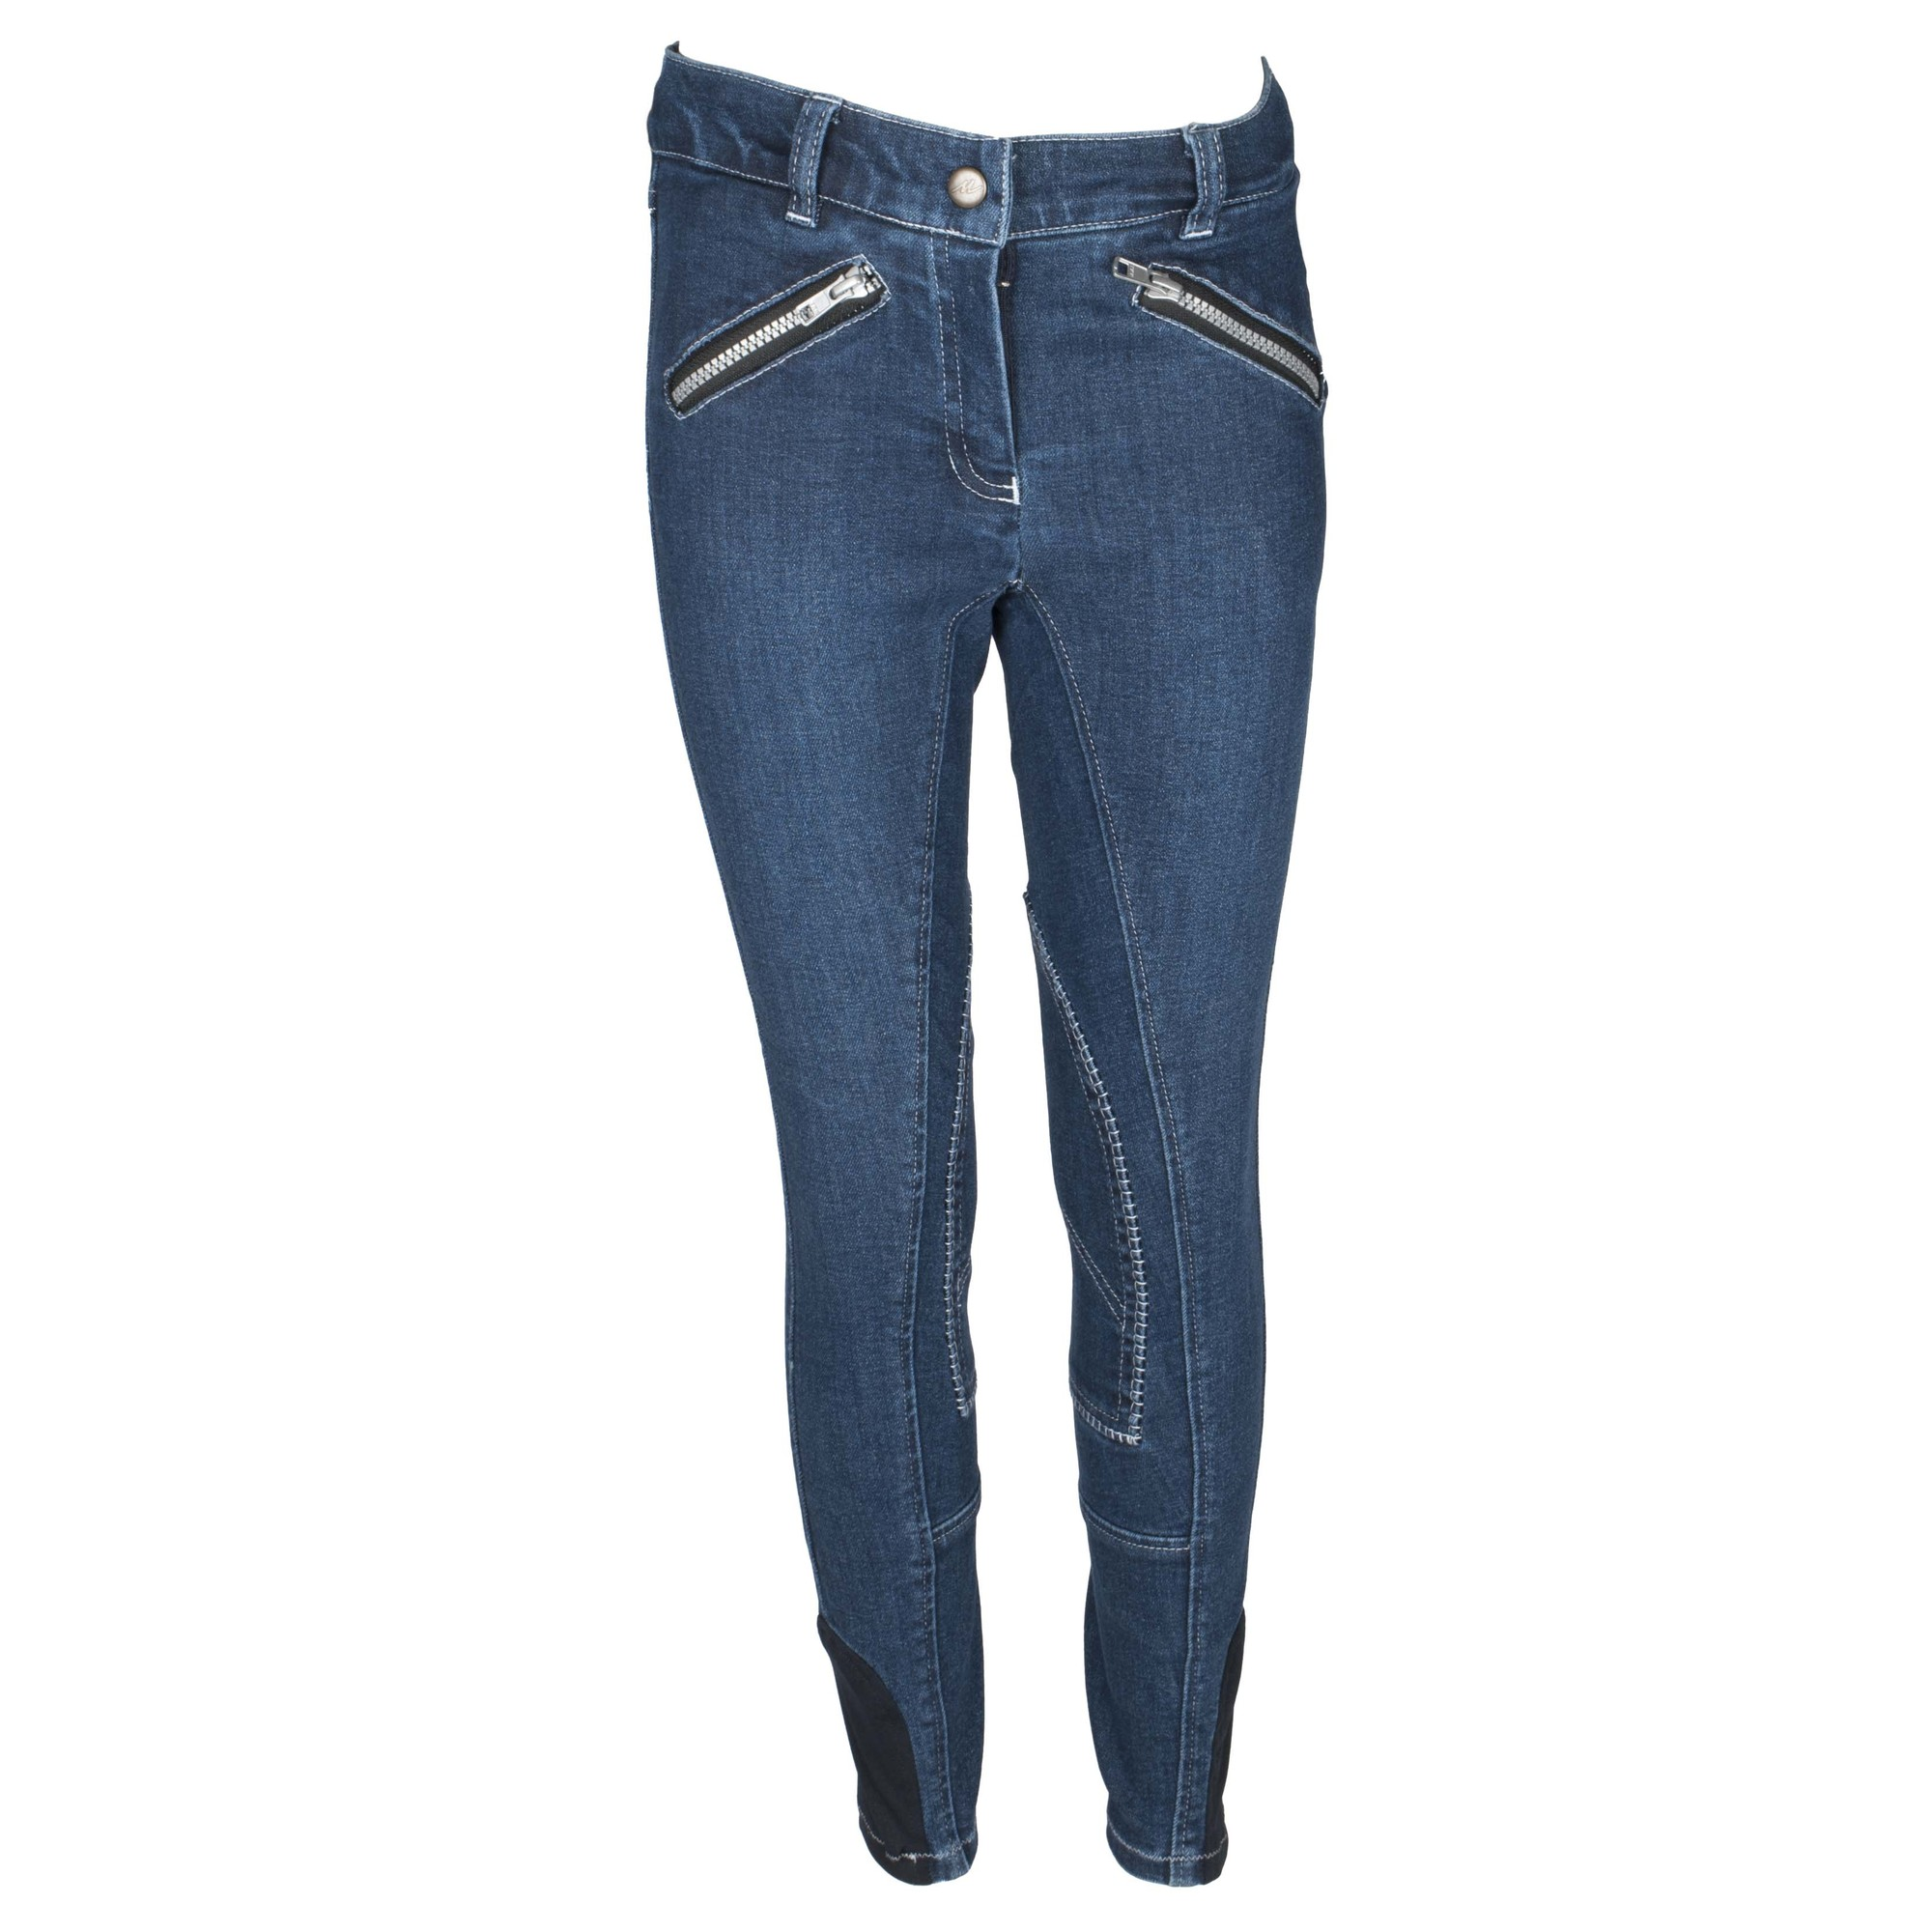 Mondoni Jeans kinder rijbroek jeans maat:116